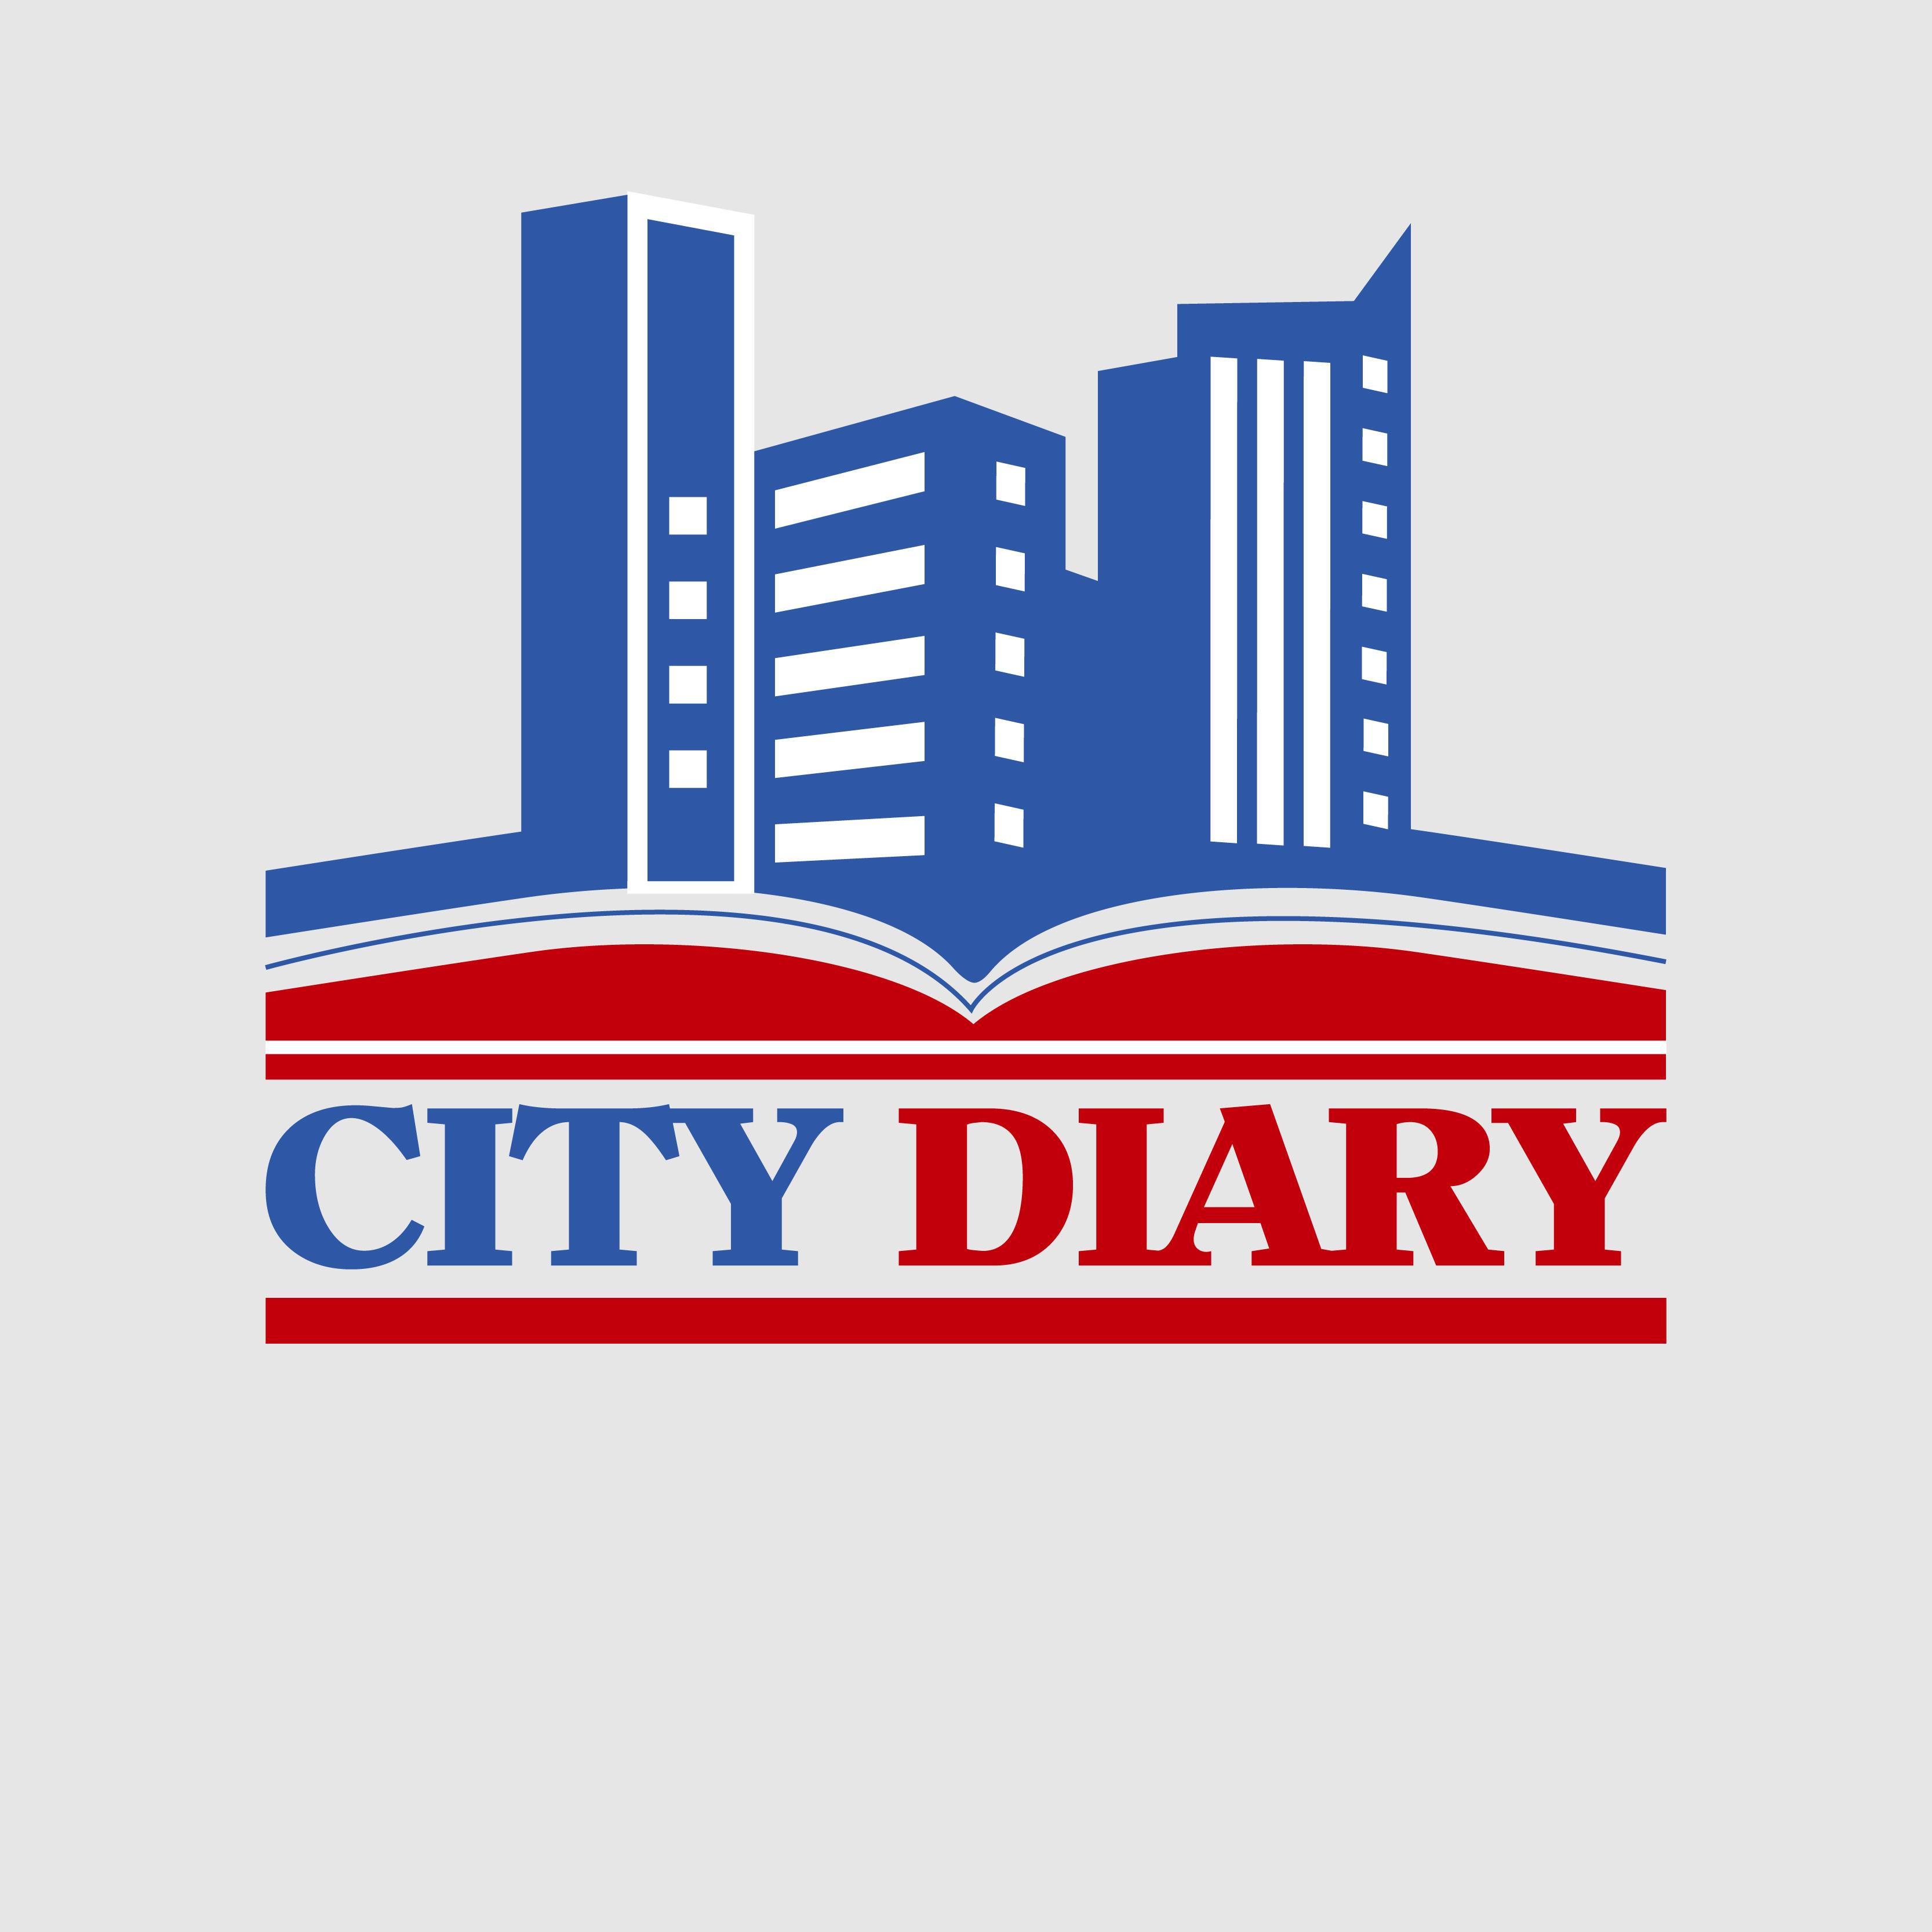 city-diary-logo